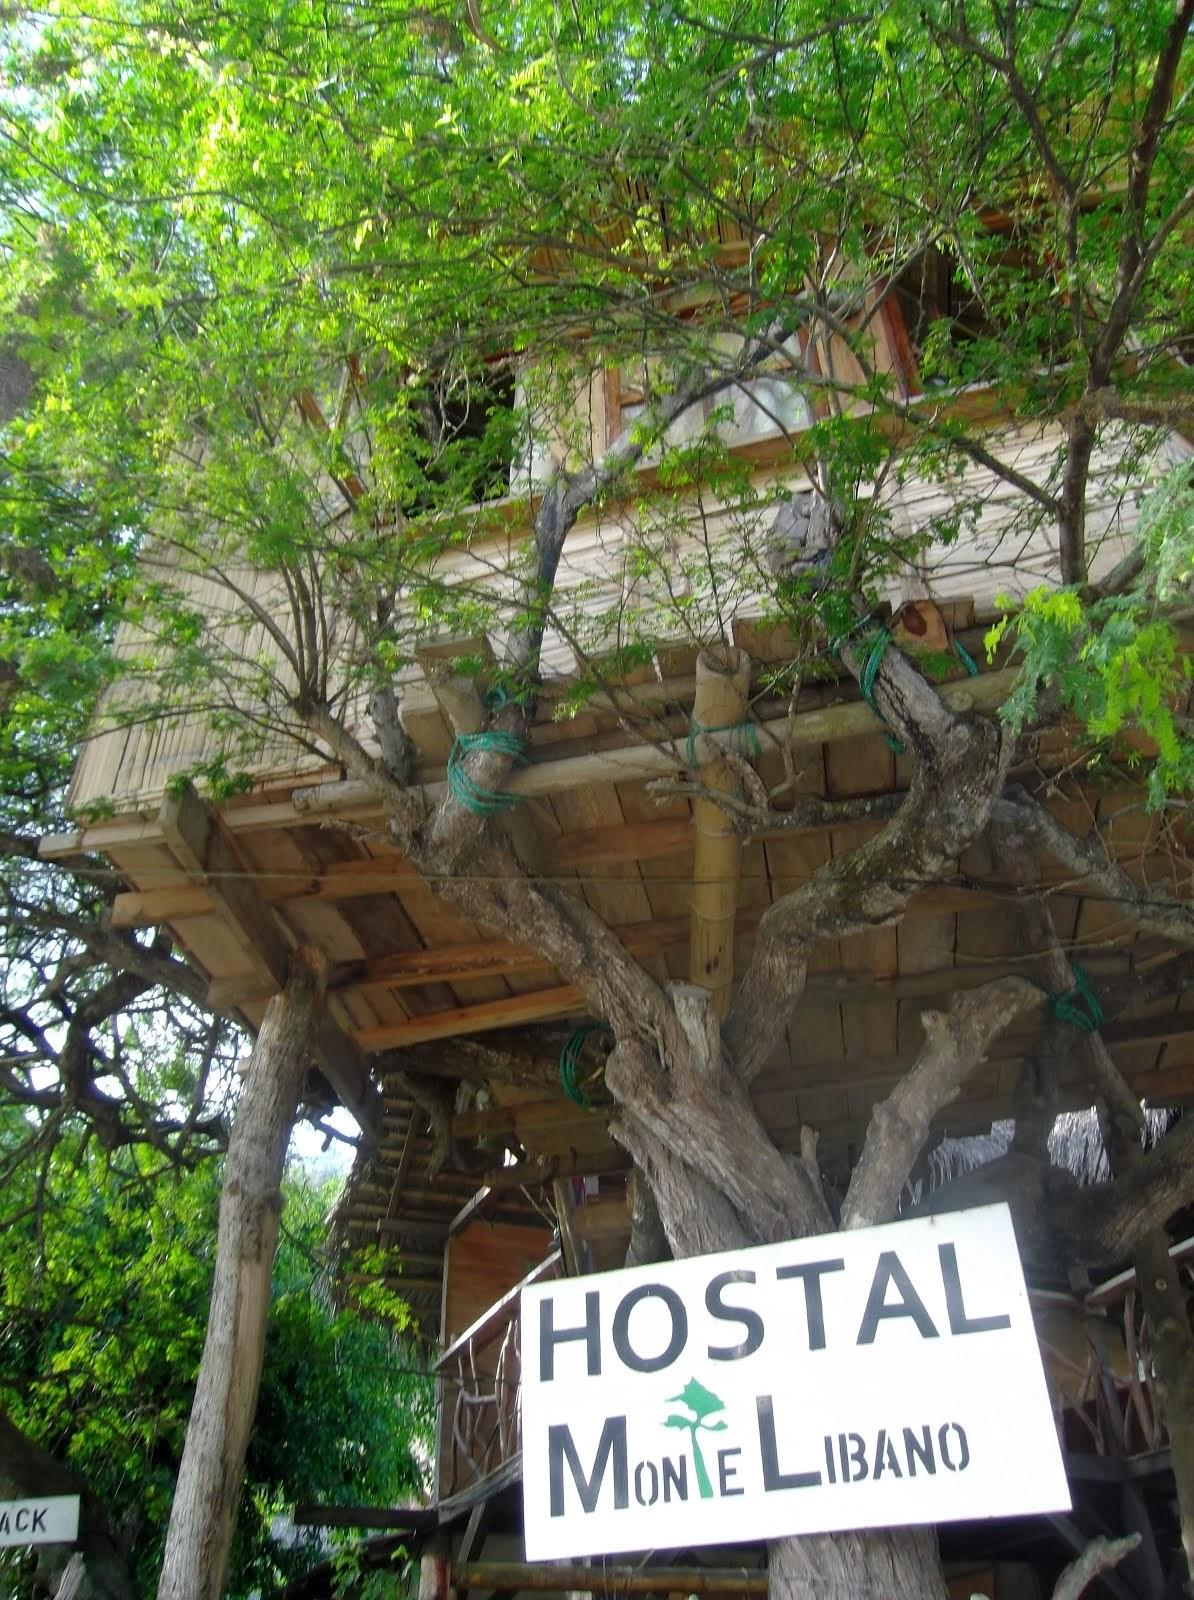 HOSTAL MONTE LIBANO, Puerto López, Ecuador.